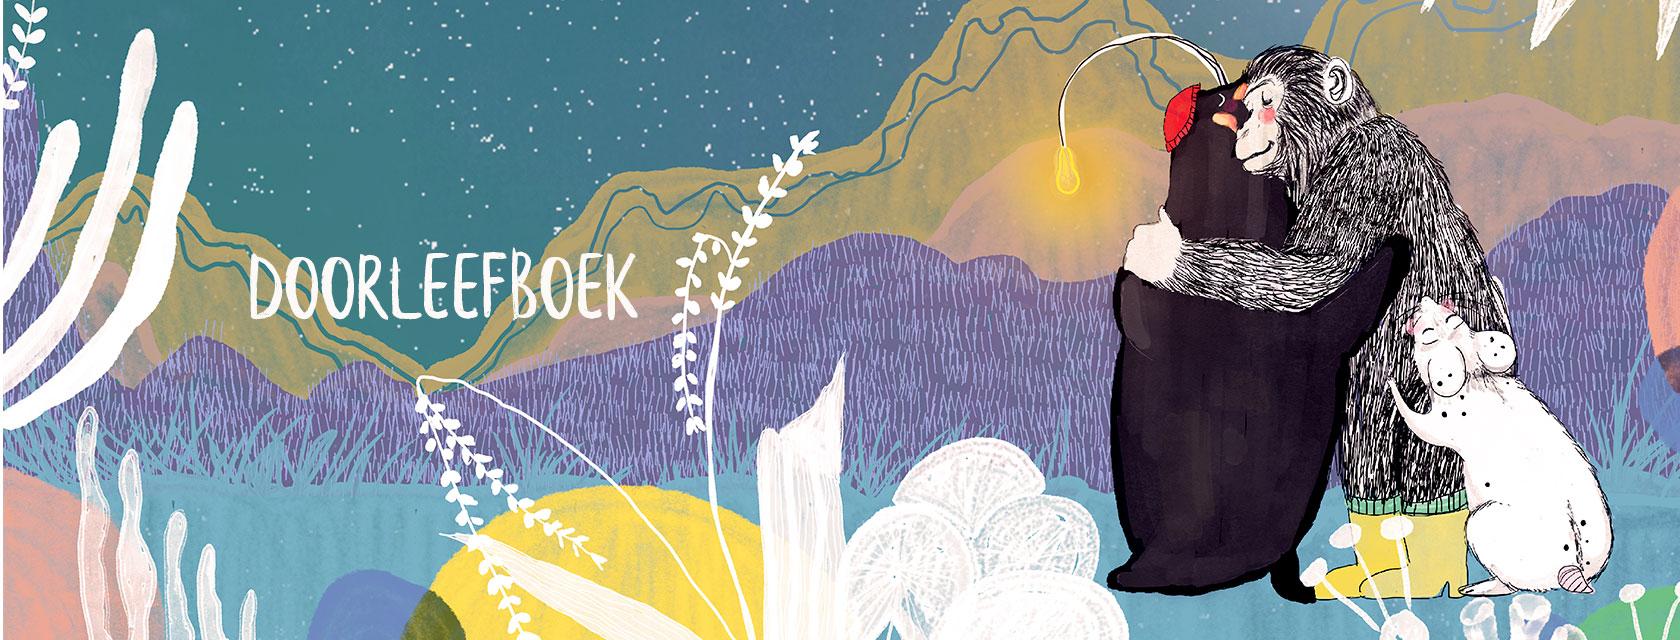 Doorleefboek - een sociaal project waarbij een boek is uitgebracht dat kinderen helpt met rouw om te gaan